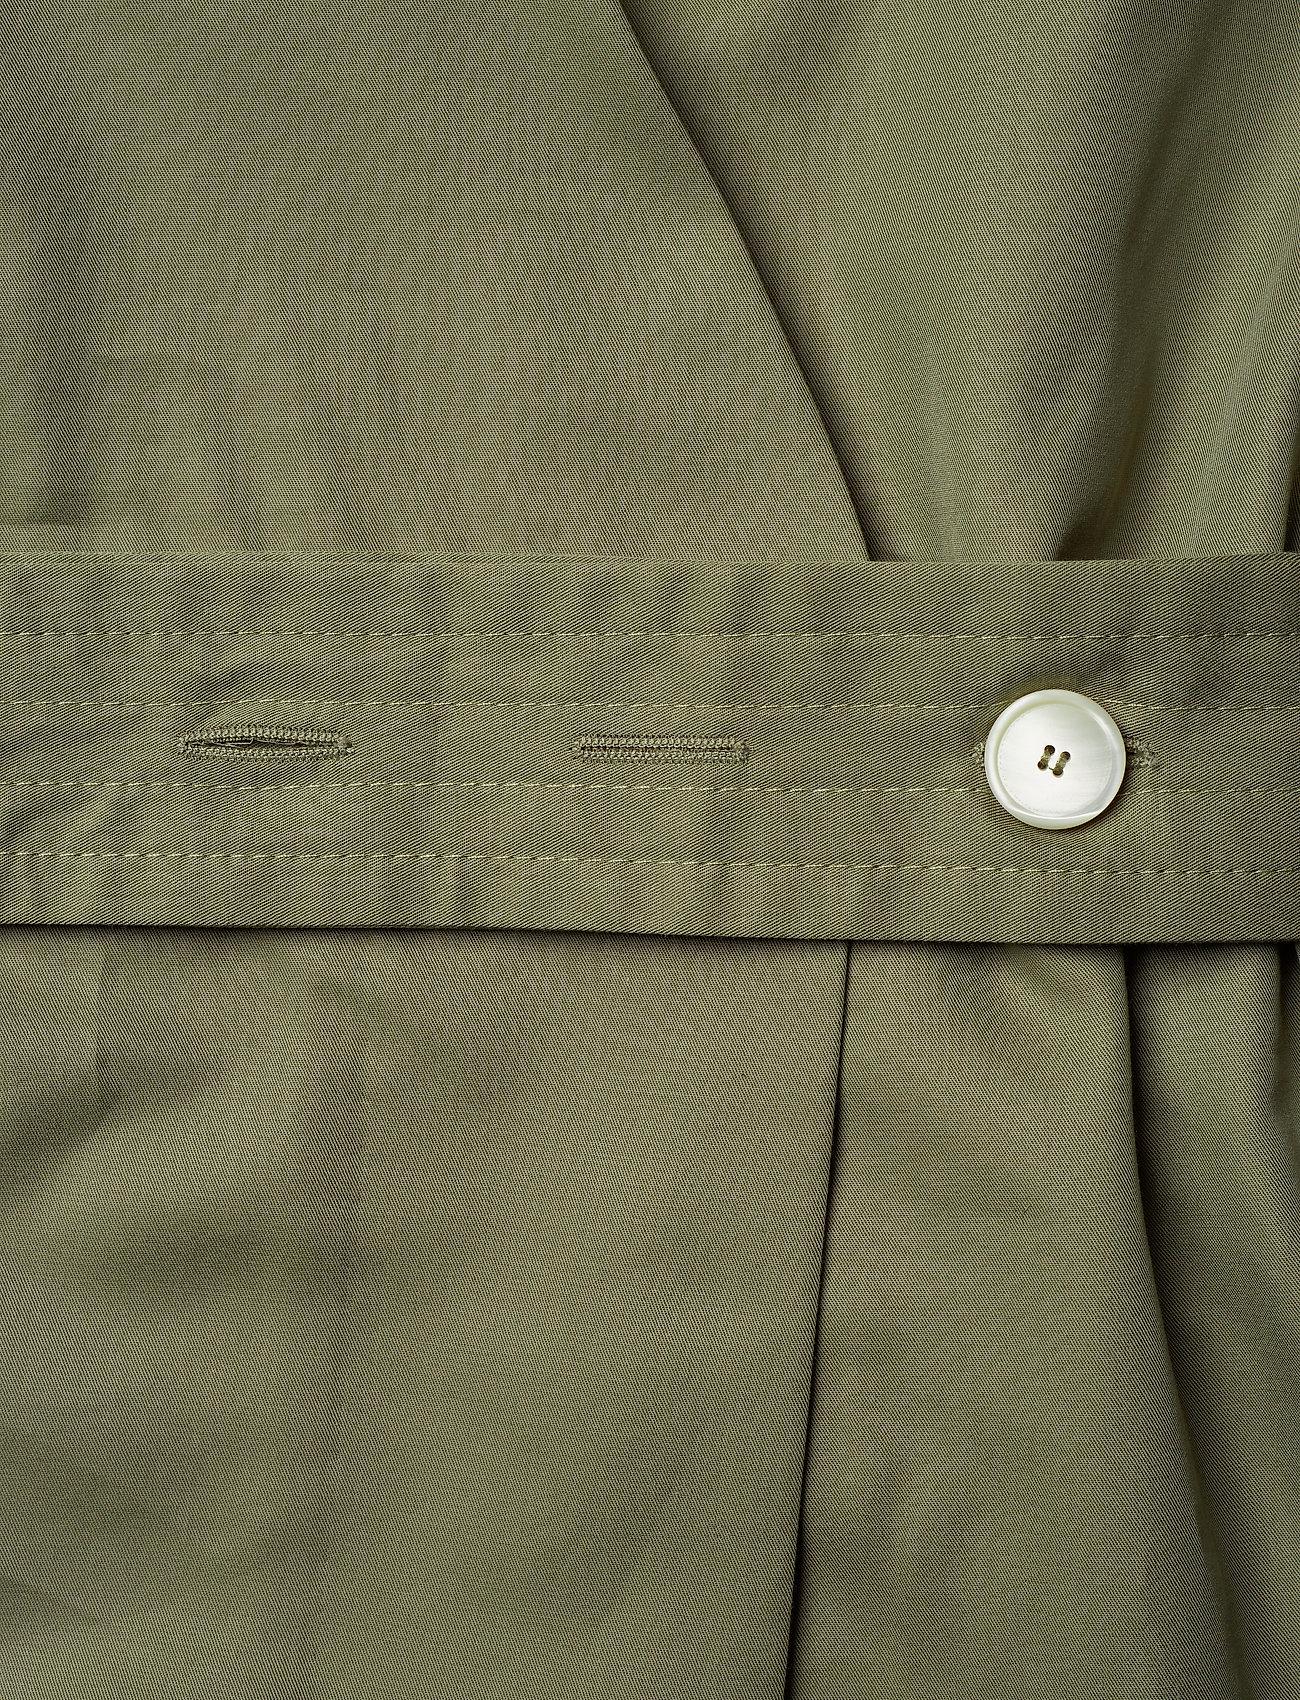 Cross Cross Dresspale GreenHope Cross Cross Cross Dresspale Dresspale Dresspale GreenHope GreenHope GreenHope Dresspale b6g7yYf